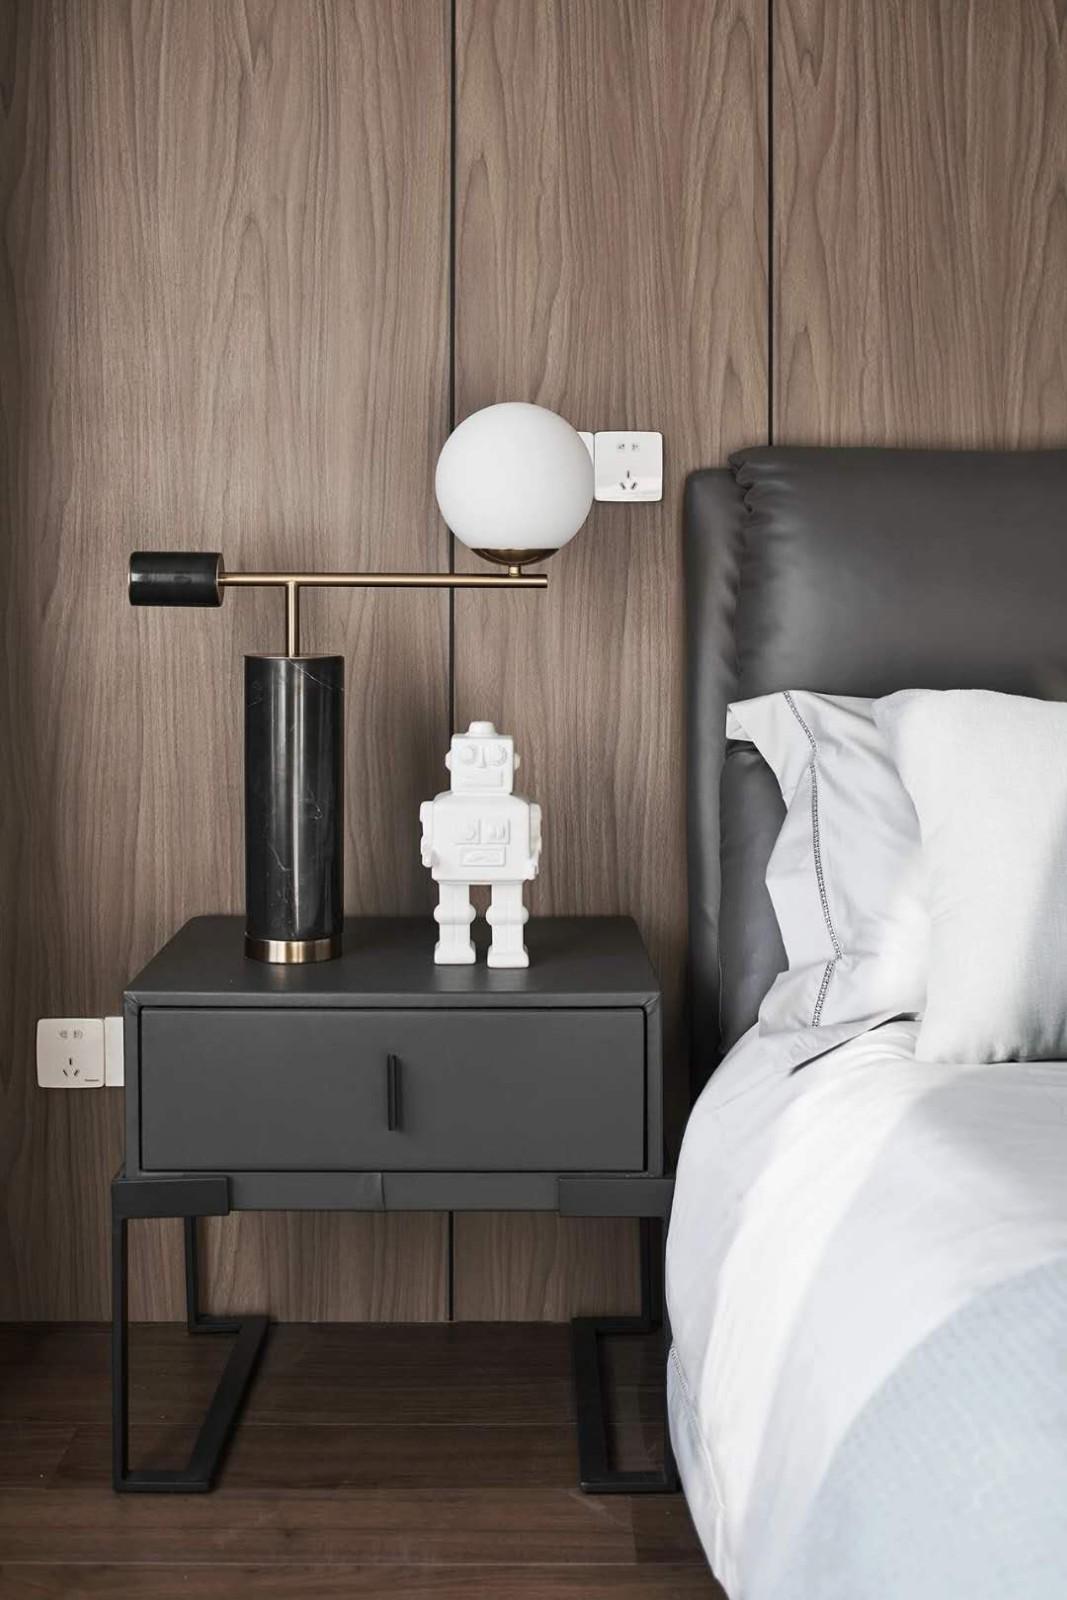 2021简约卧室装修设计图片 2021简约床头柜装修设计图片